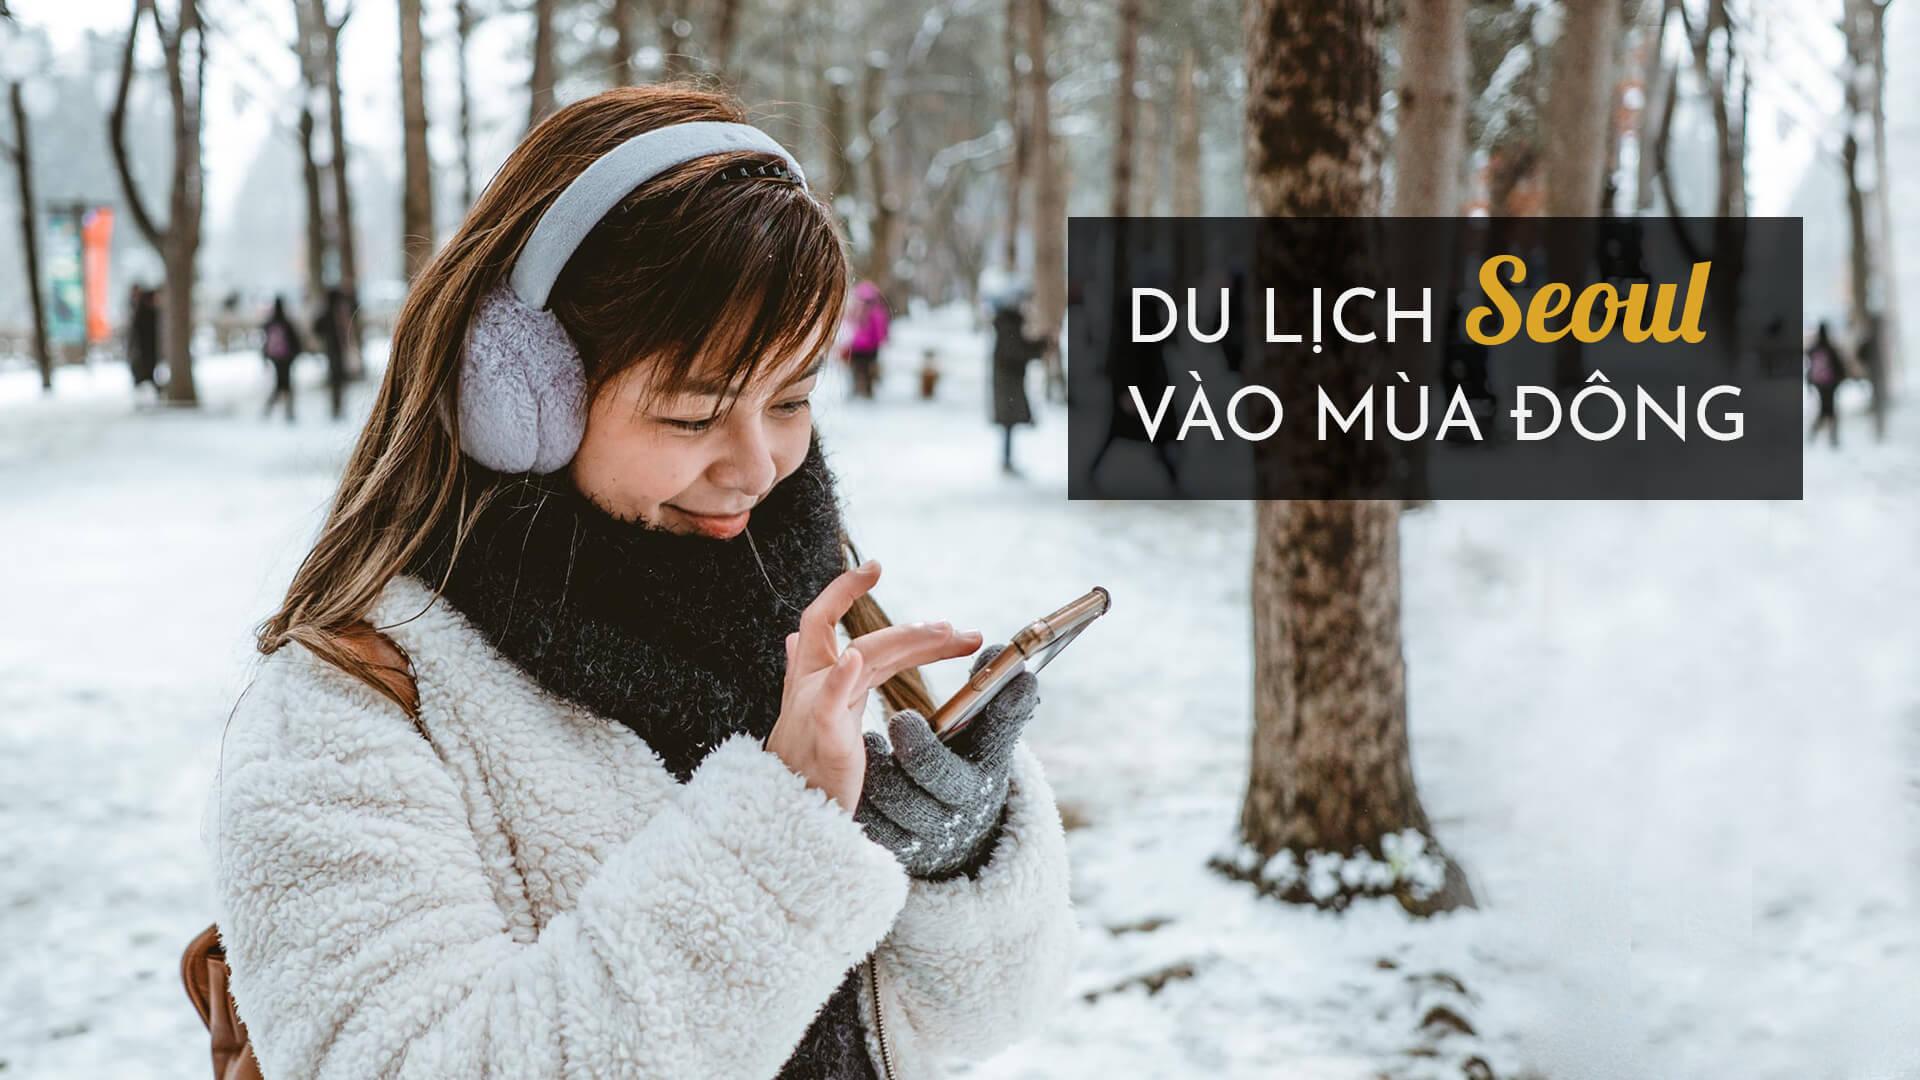 Du lịch Seoul mùa đông: Đi đâu? Ăn gì?